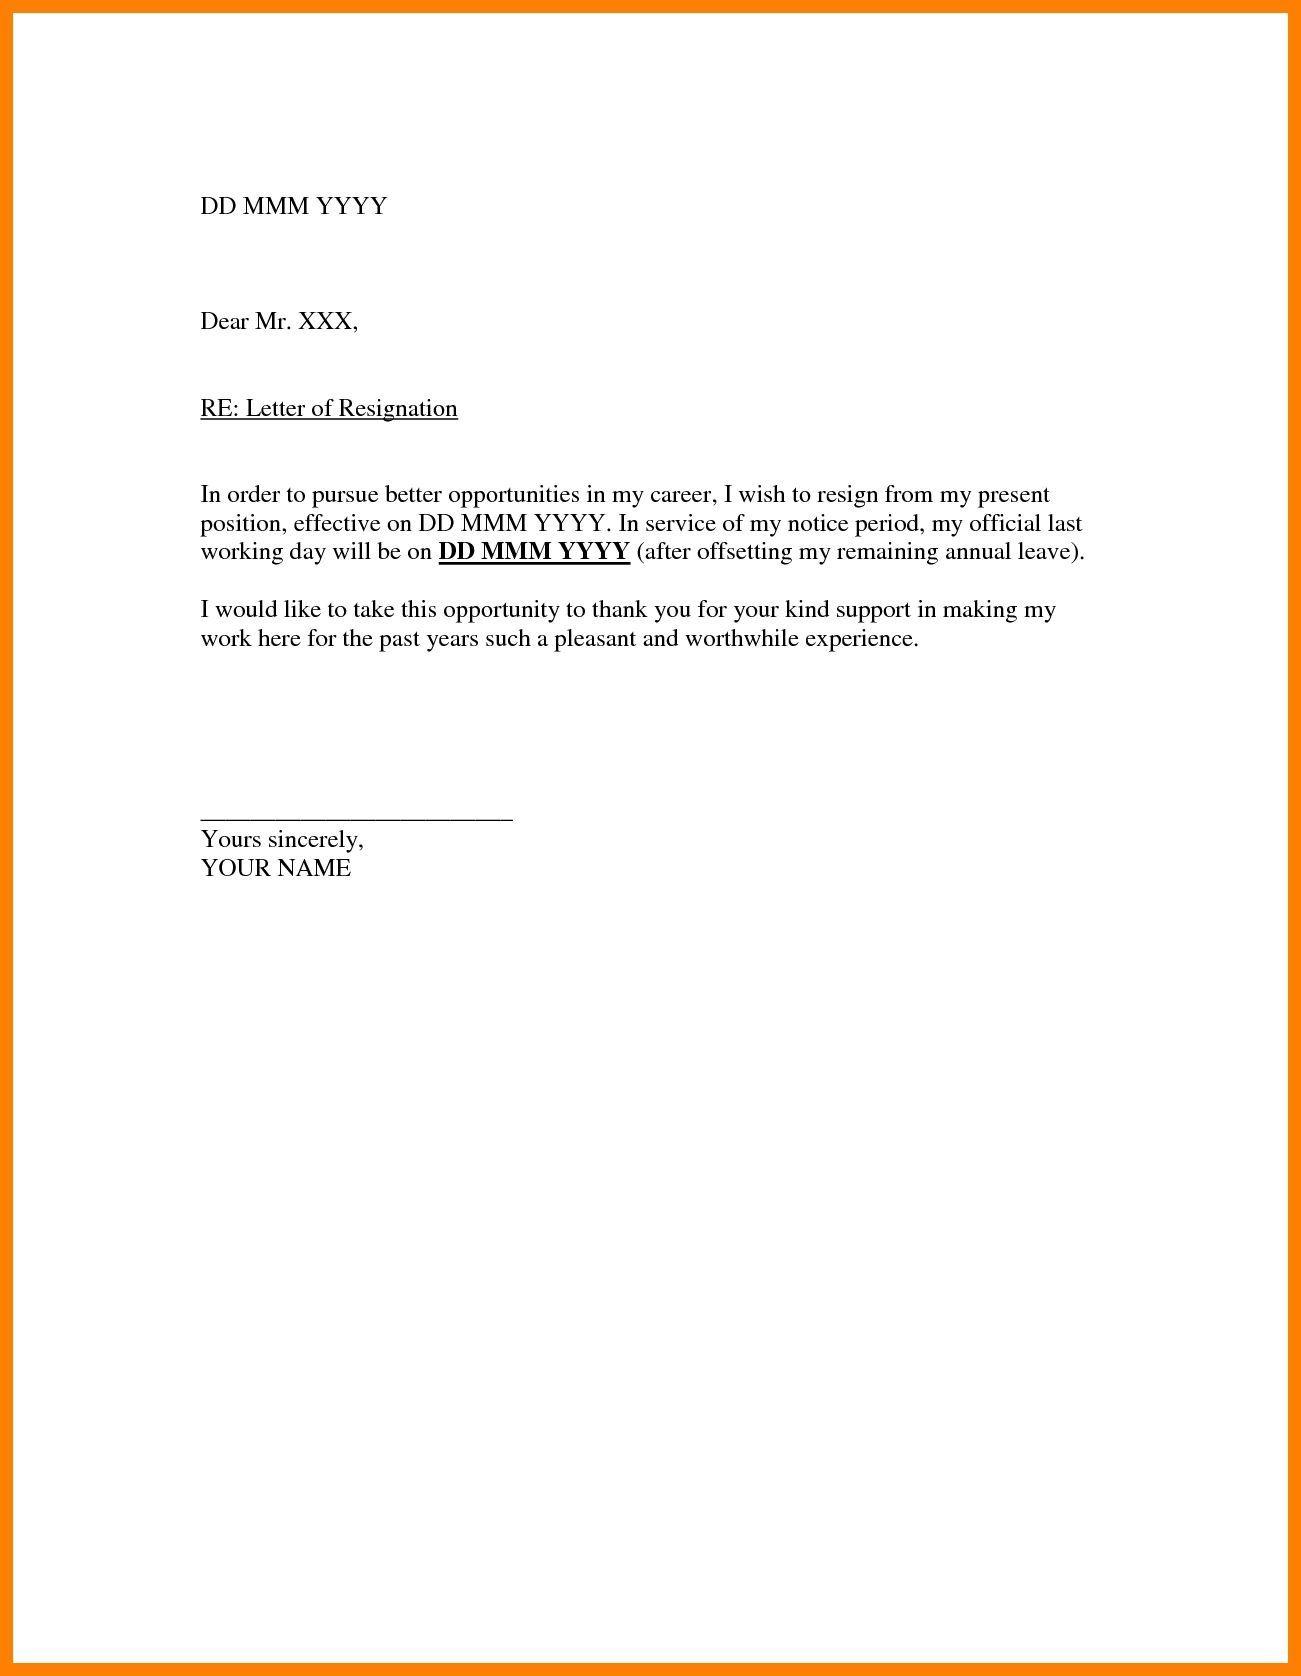 004 Stunning Resignation Letter Sample Free Doc High Def  .docFull